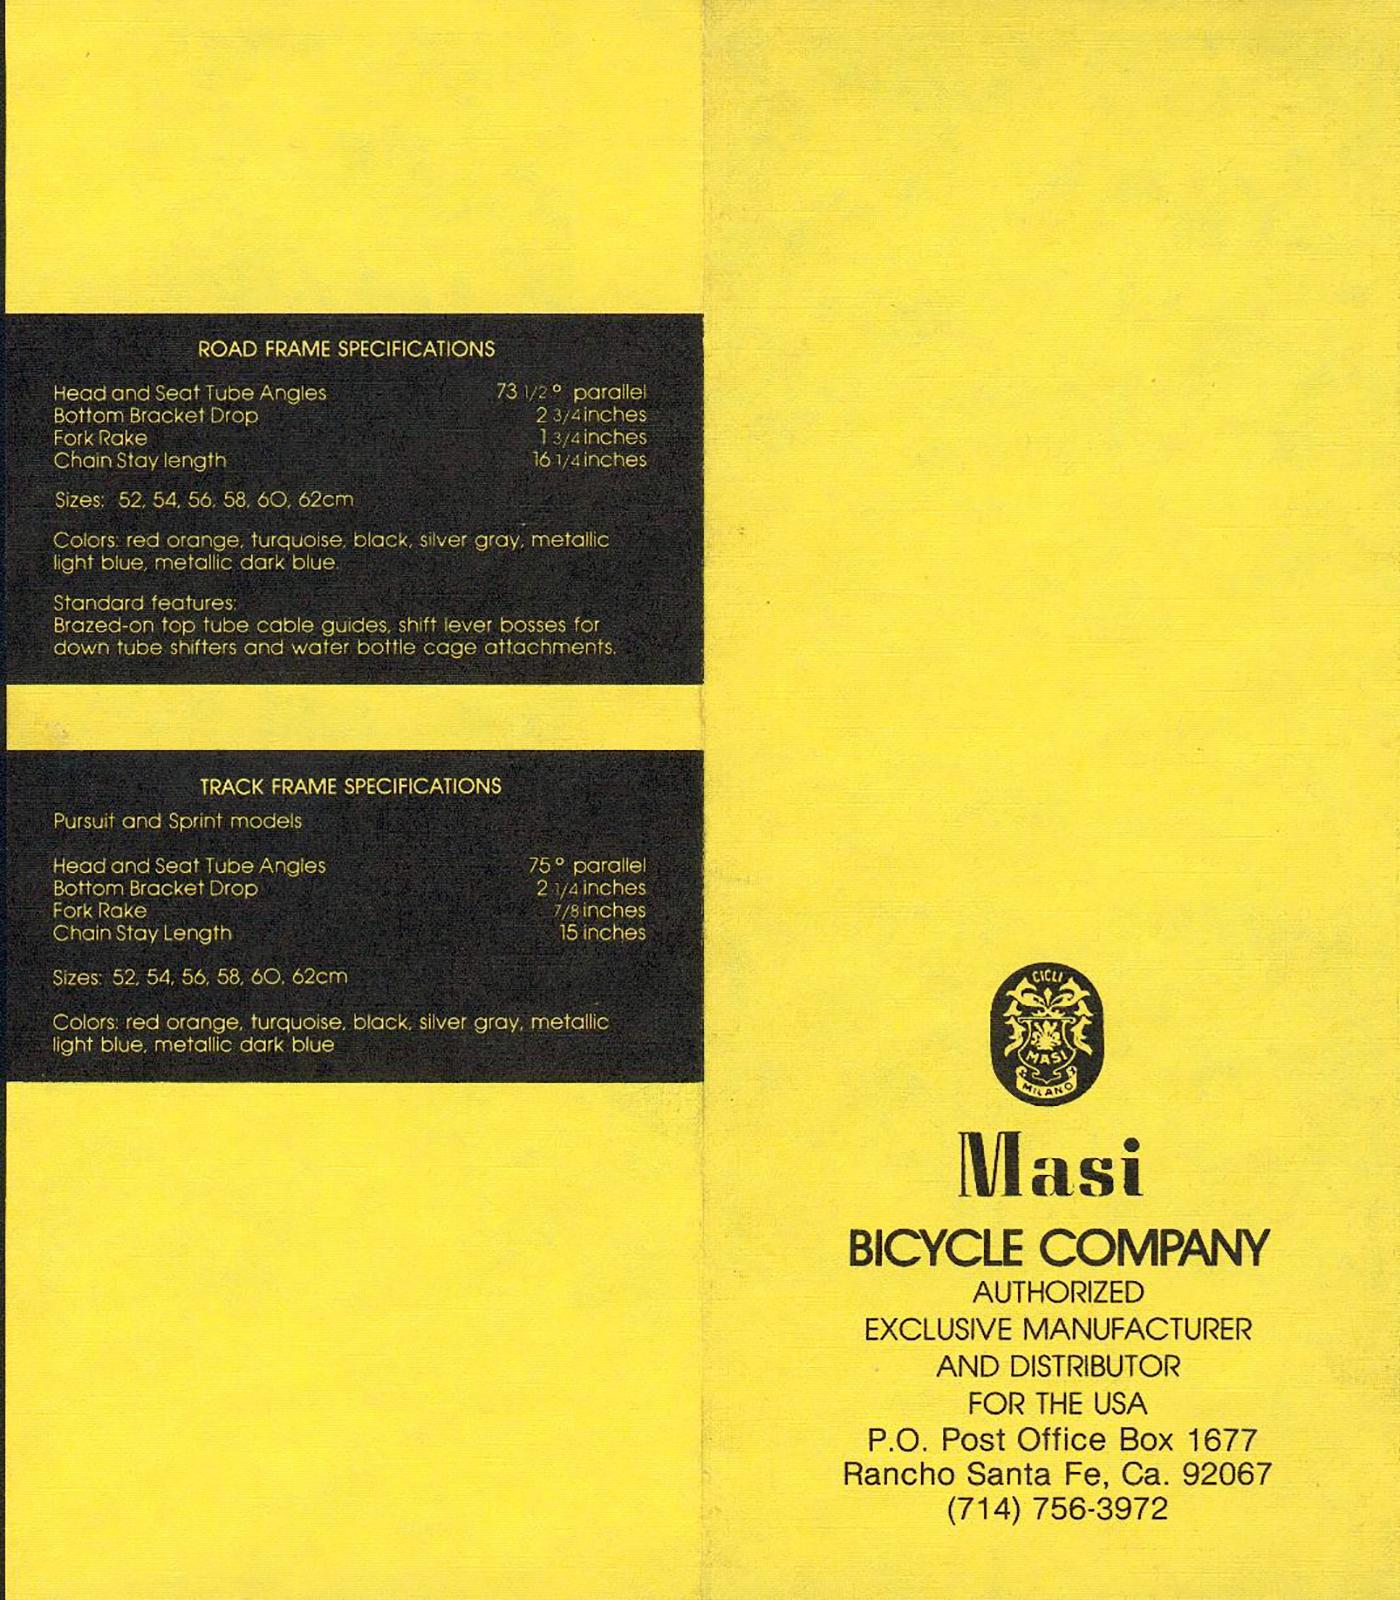 ebykr-masi-usa-1978-catalog-4